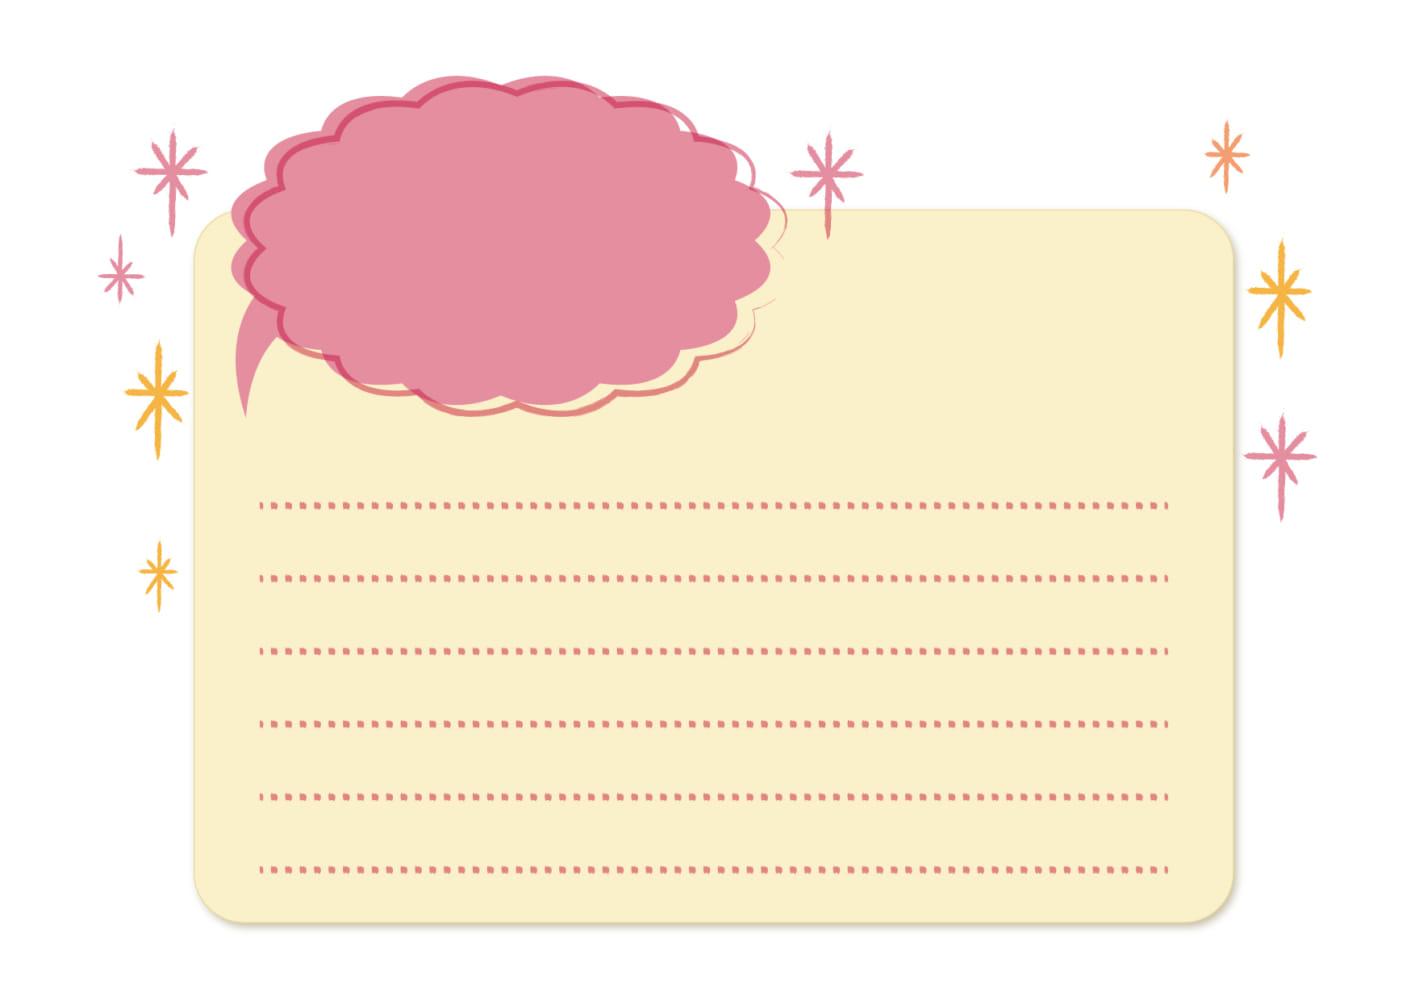 ノート 吹き出し ピンク 背景 イラスト 無料